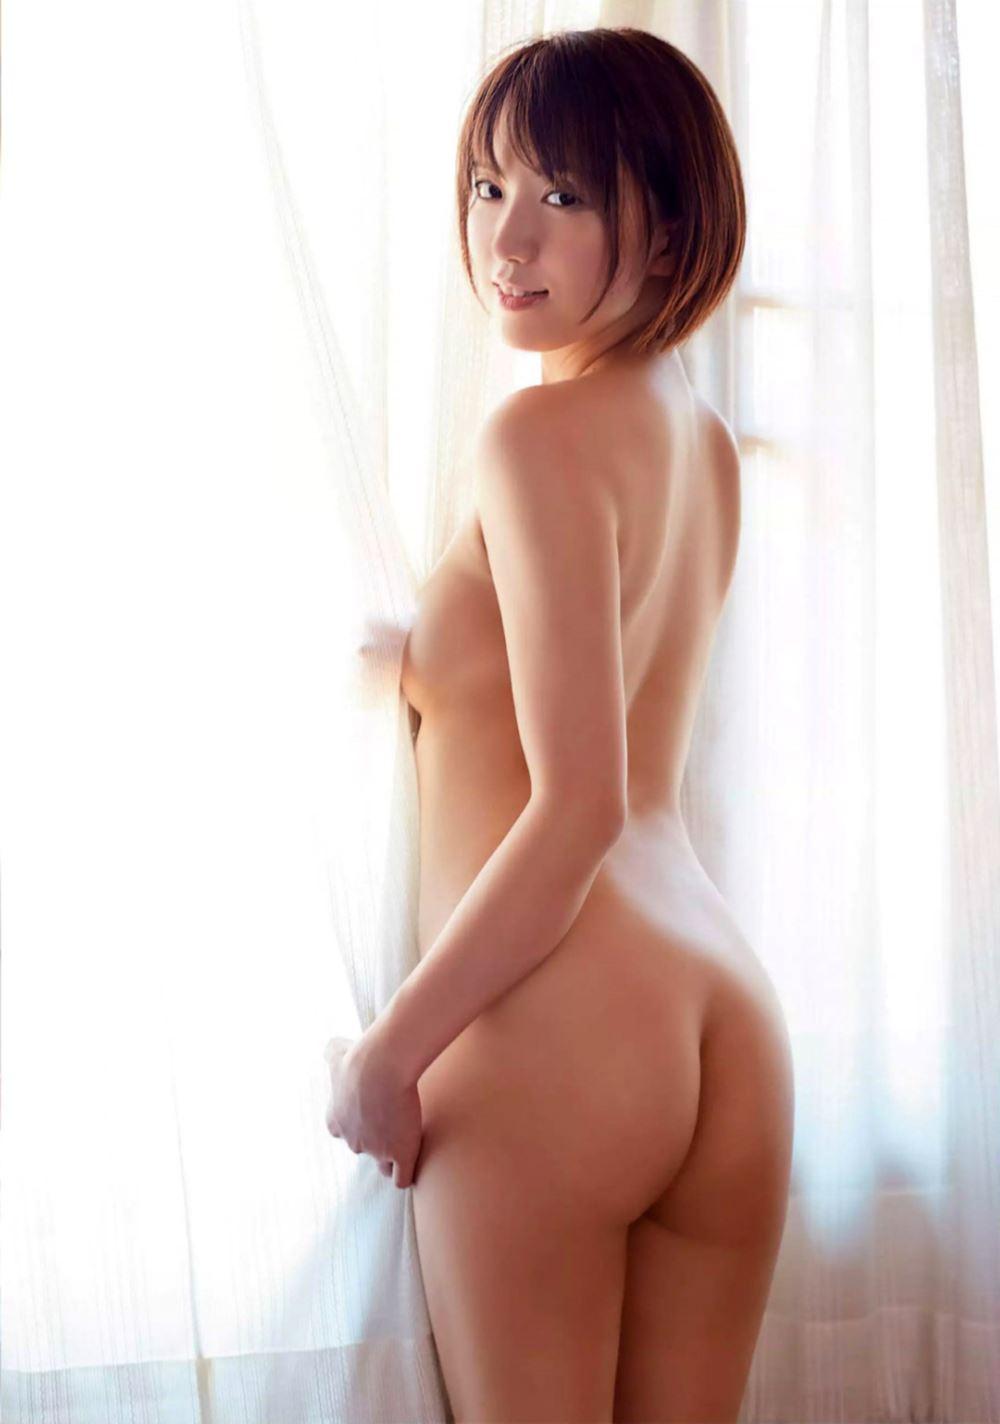 浅倉結希 お尻丸出しセミヌードや水着のエロ画像